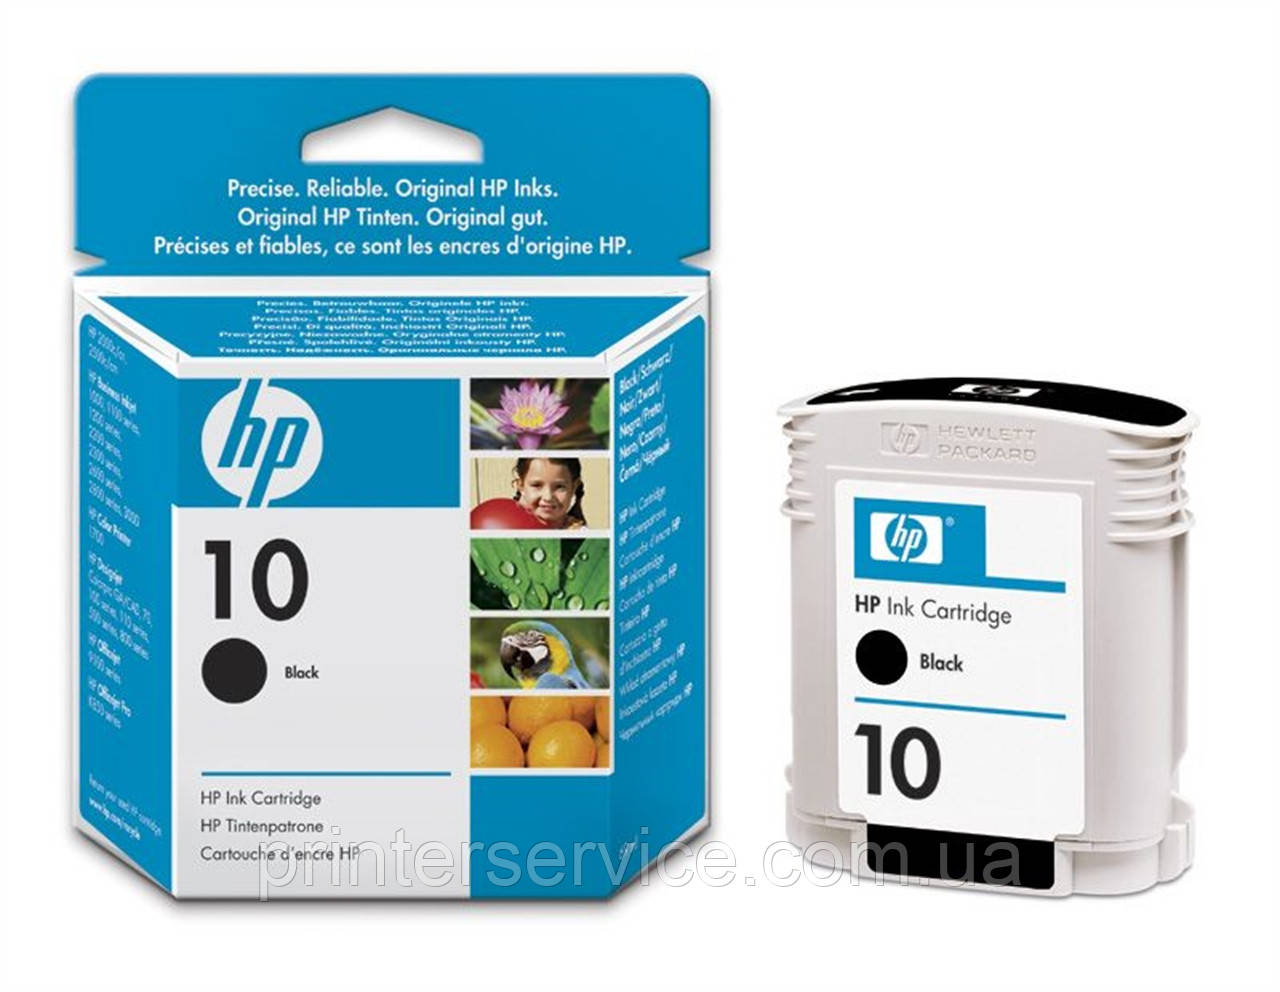 Картридж HP 10 C4844A профессиональных струйных принтеров Hewlett Packar DJ2000/2200/2500 cp1700 black, 69 ml